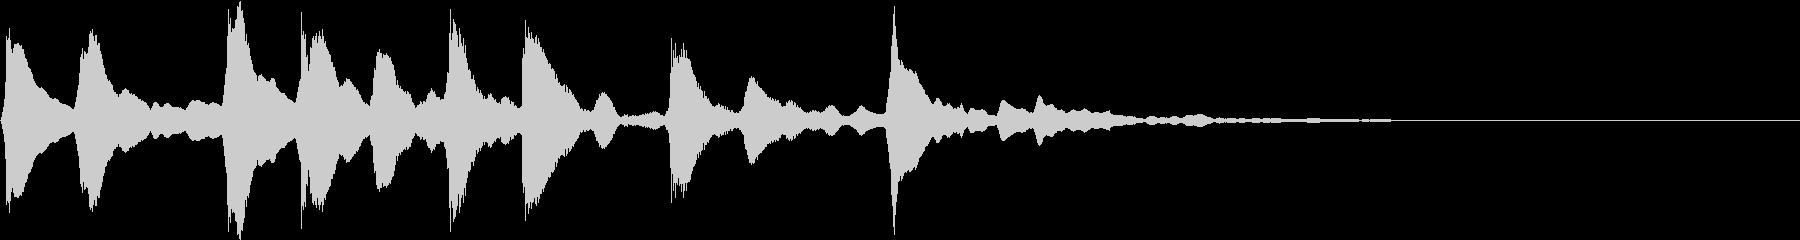 ほのぼのサウンド1の未再生の波形